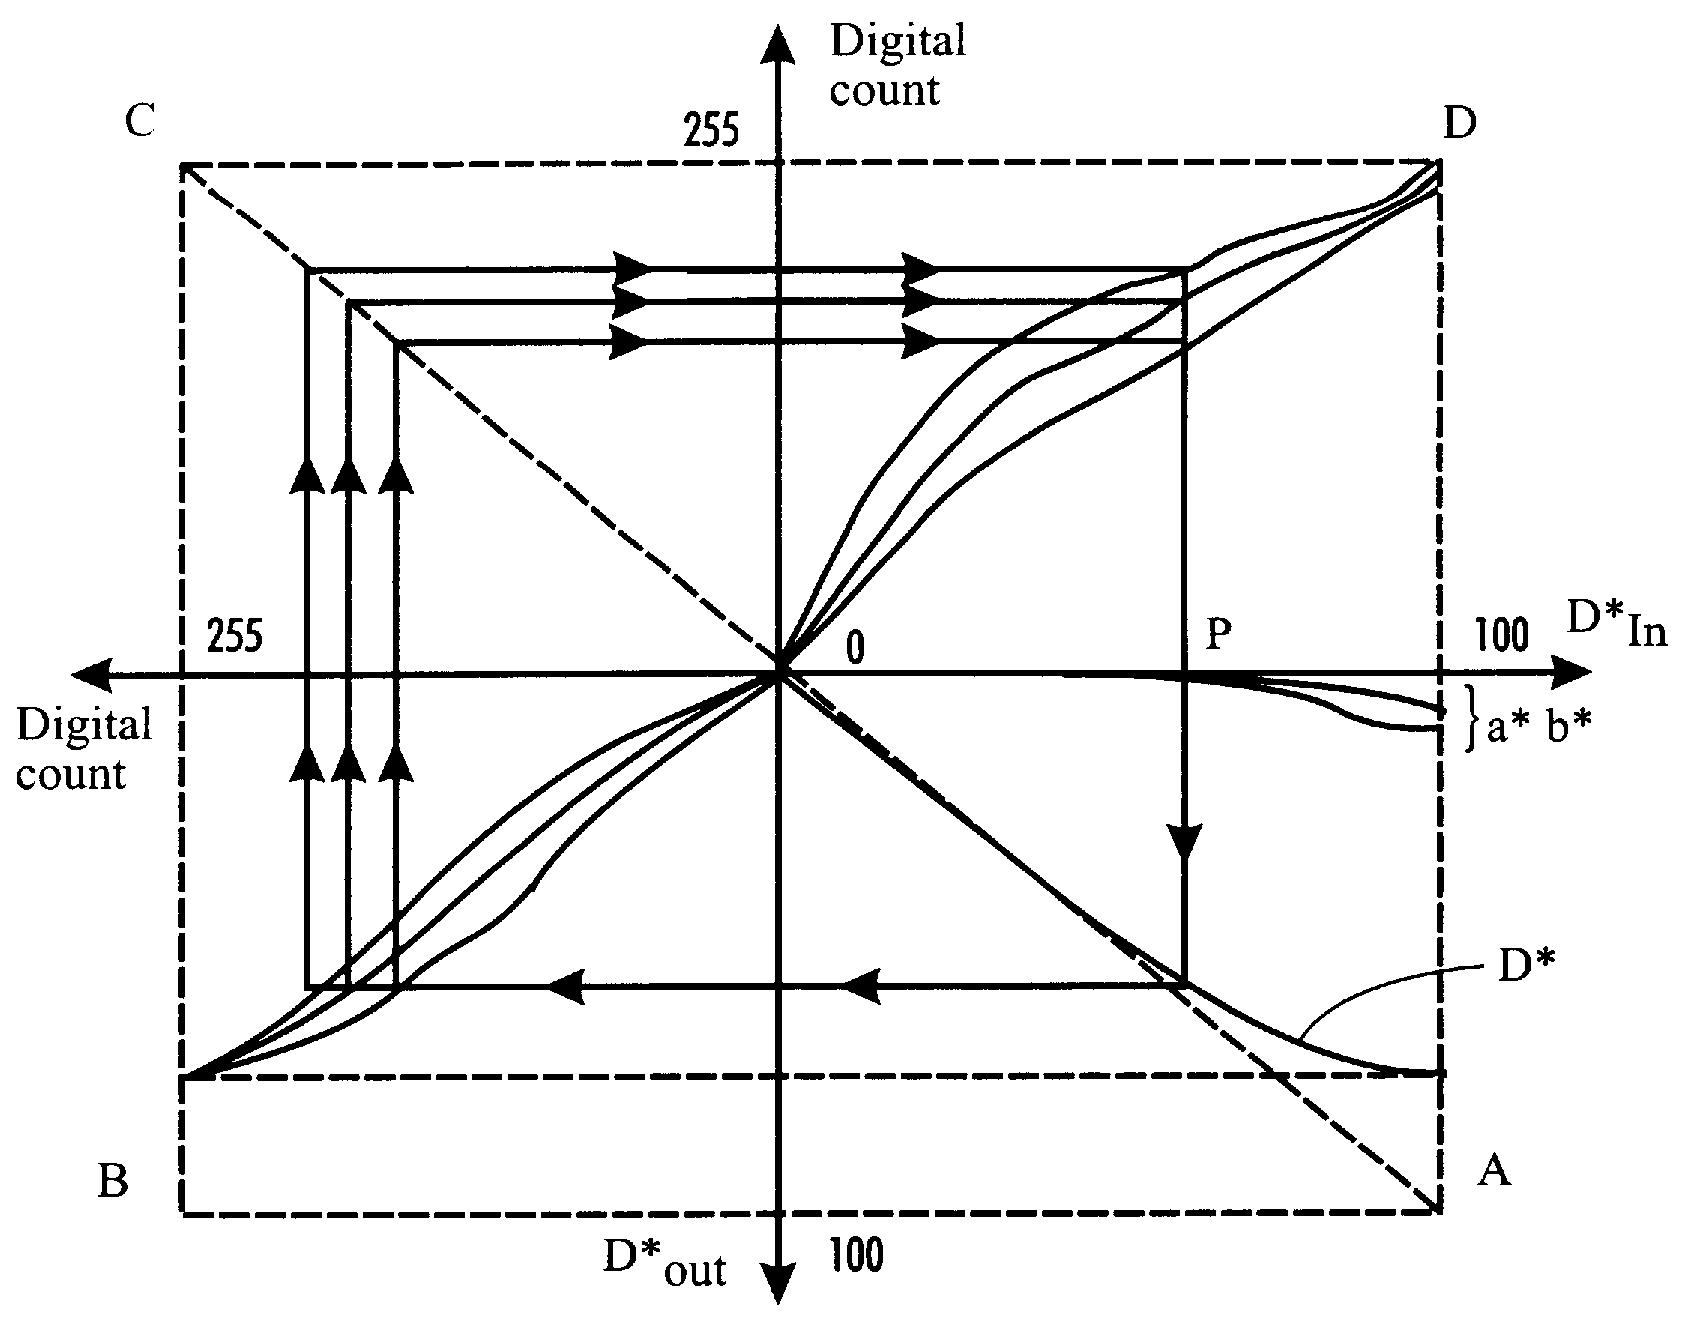 T180203 Figure